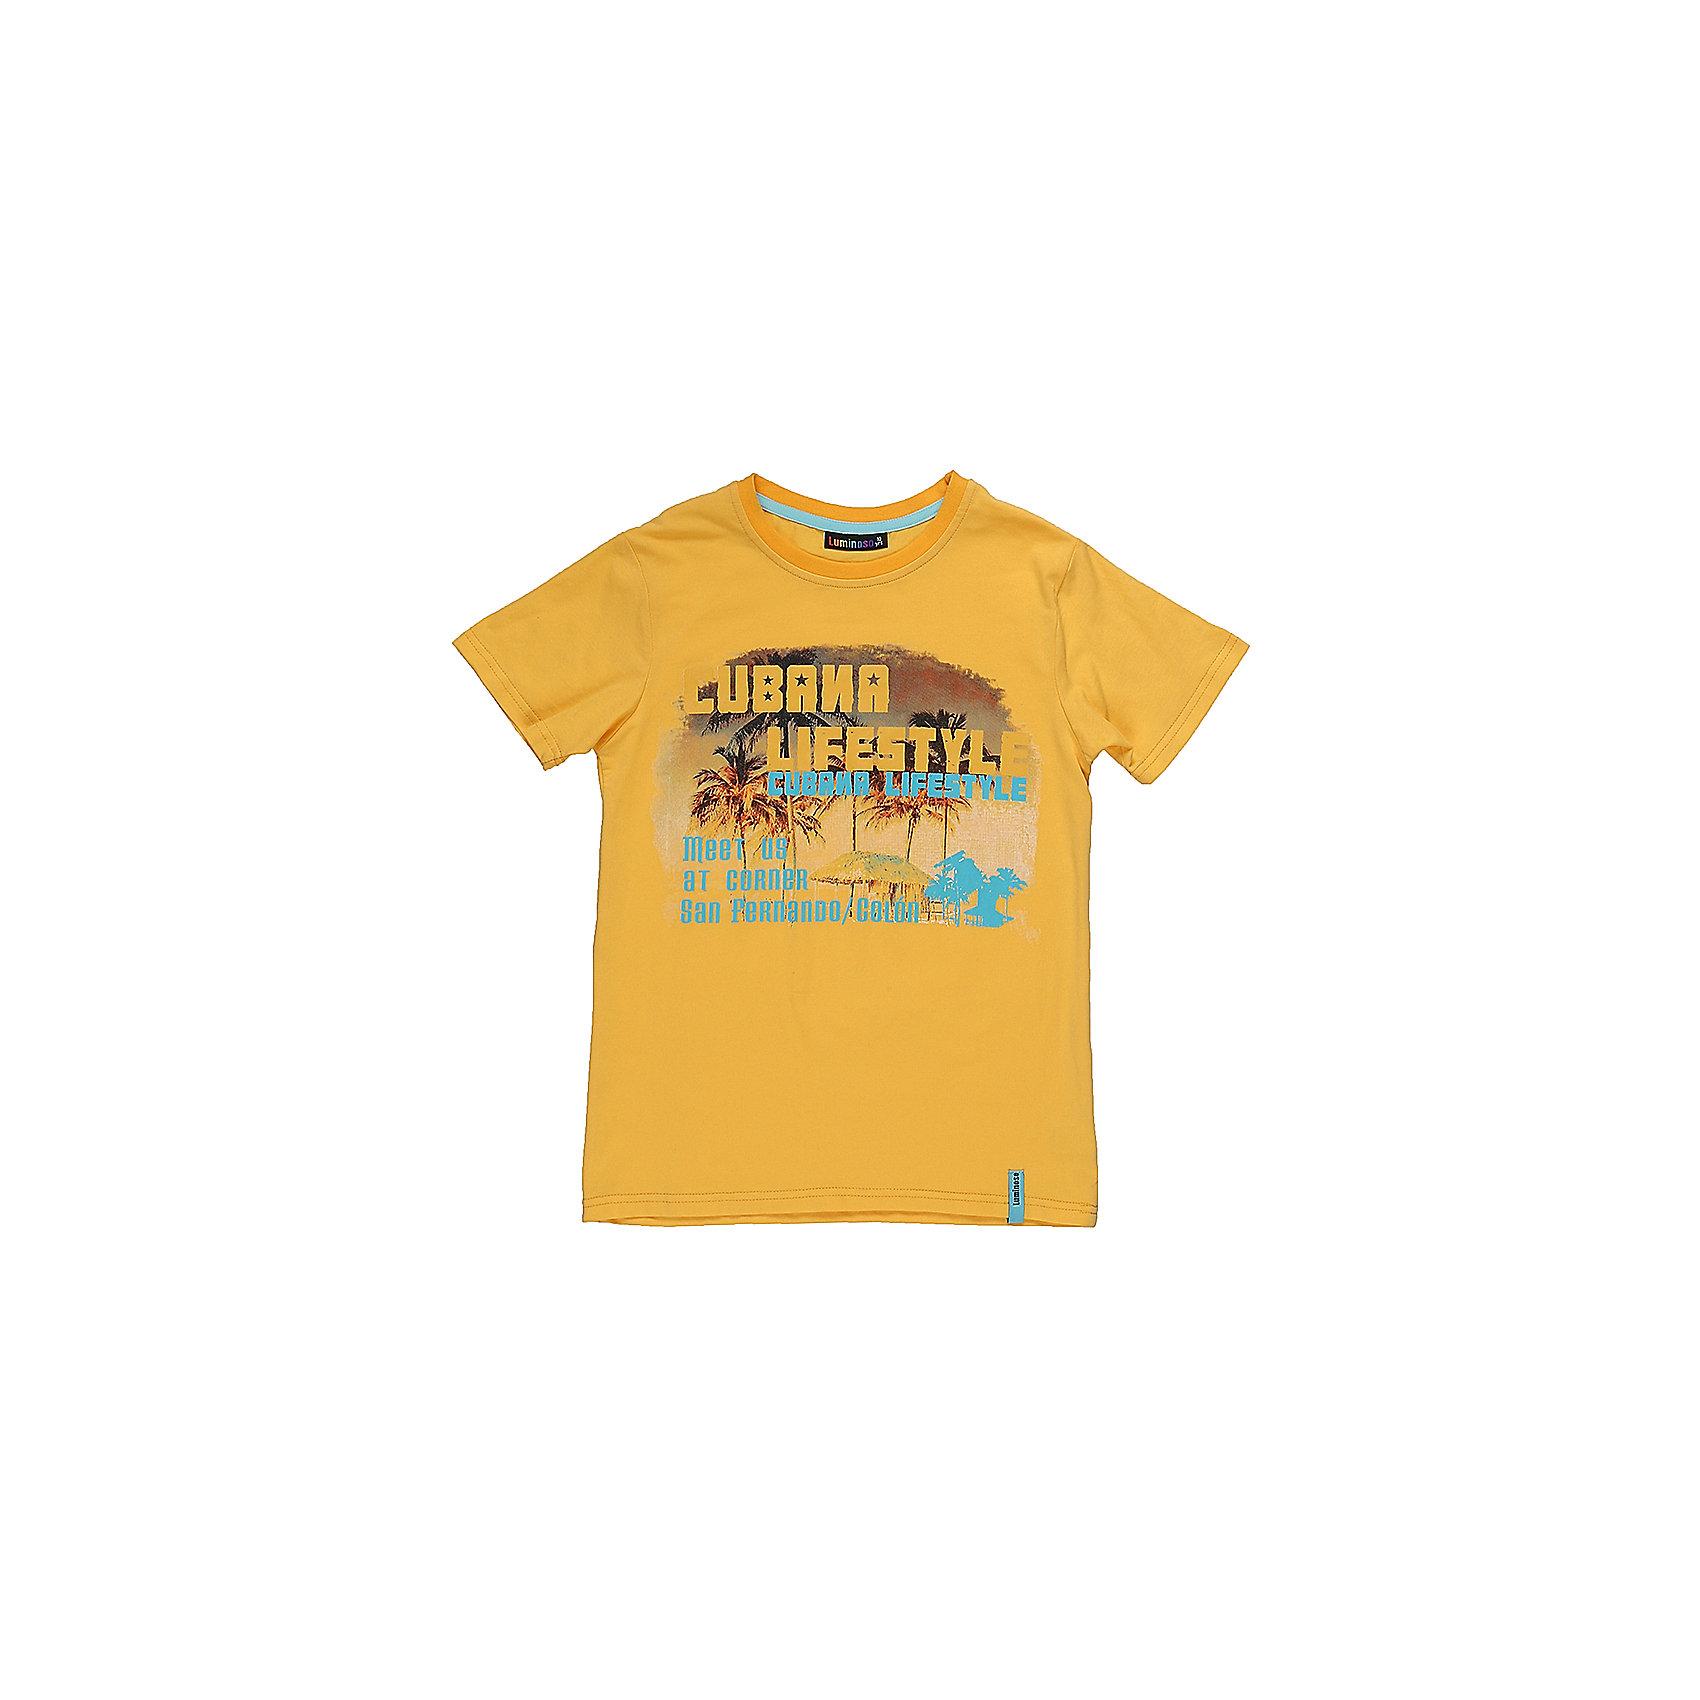 Футболка для мальчика LuminosoФутболки, поло и топы<br>Стильная футболка из трикотажной ткани для мальчика с коротким рукавом. Декорирована ярким принтом<br>Состав:<br>95%хлопок 5%эластан<br><br>Ширина мм: 199<br>Глубина мм: 10<br>Высота мм: 161<br>Вес г: 151<br>Цвет: желтый<br>Возраст от месяцев: 96<br>Возраст до месяцев: 108<br>Пол: Мужской<br>Возраст: Детский<br>Размер: 134,140,146,152,158,164<br>SKU: 5409803